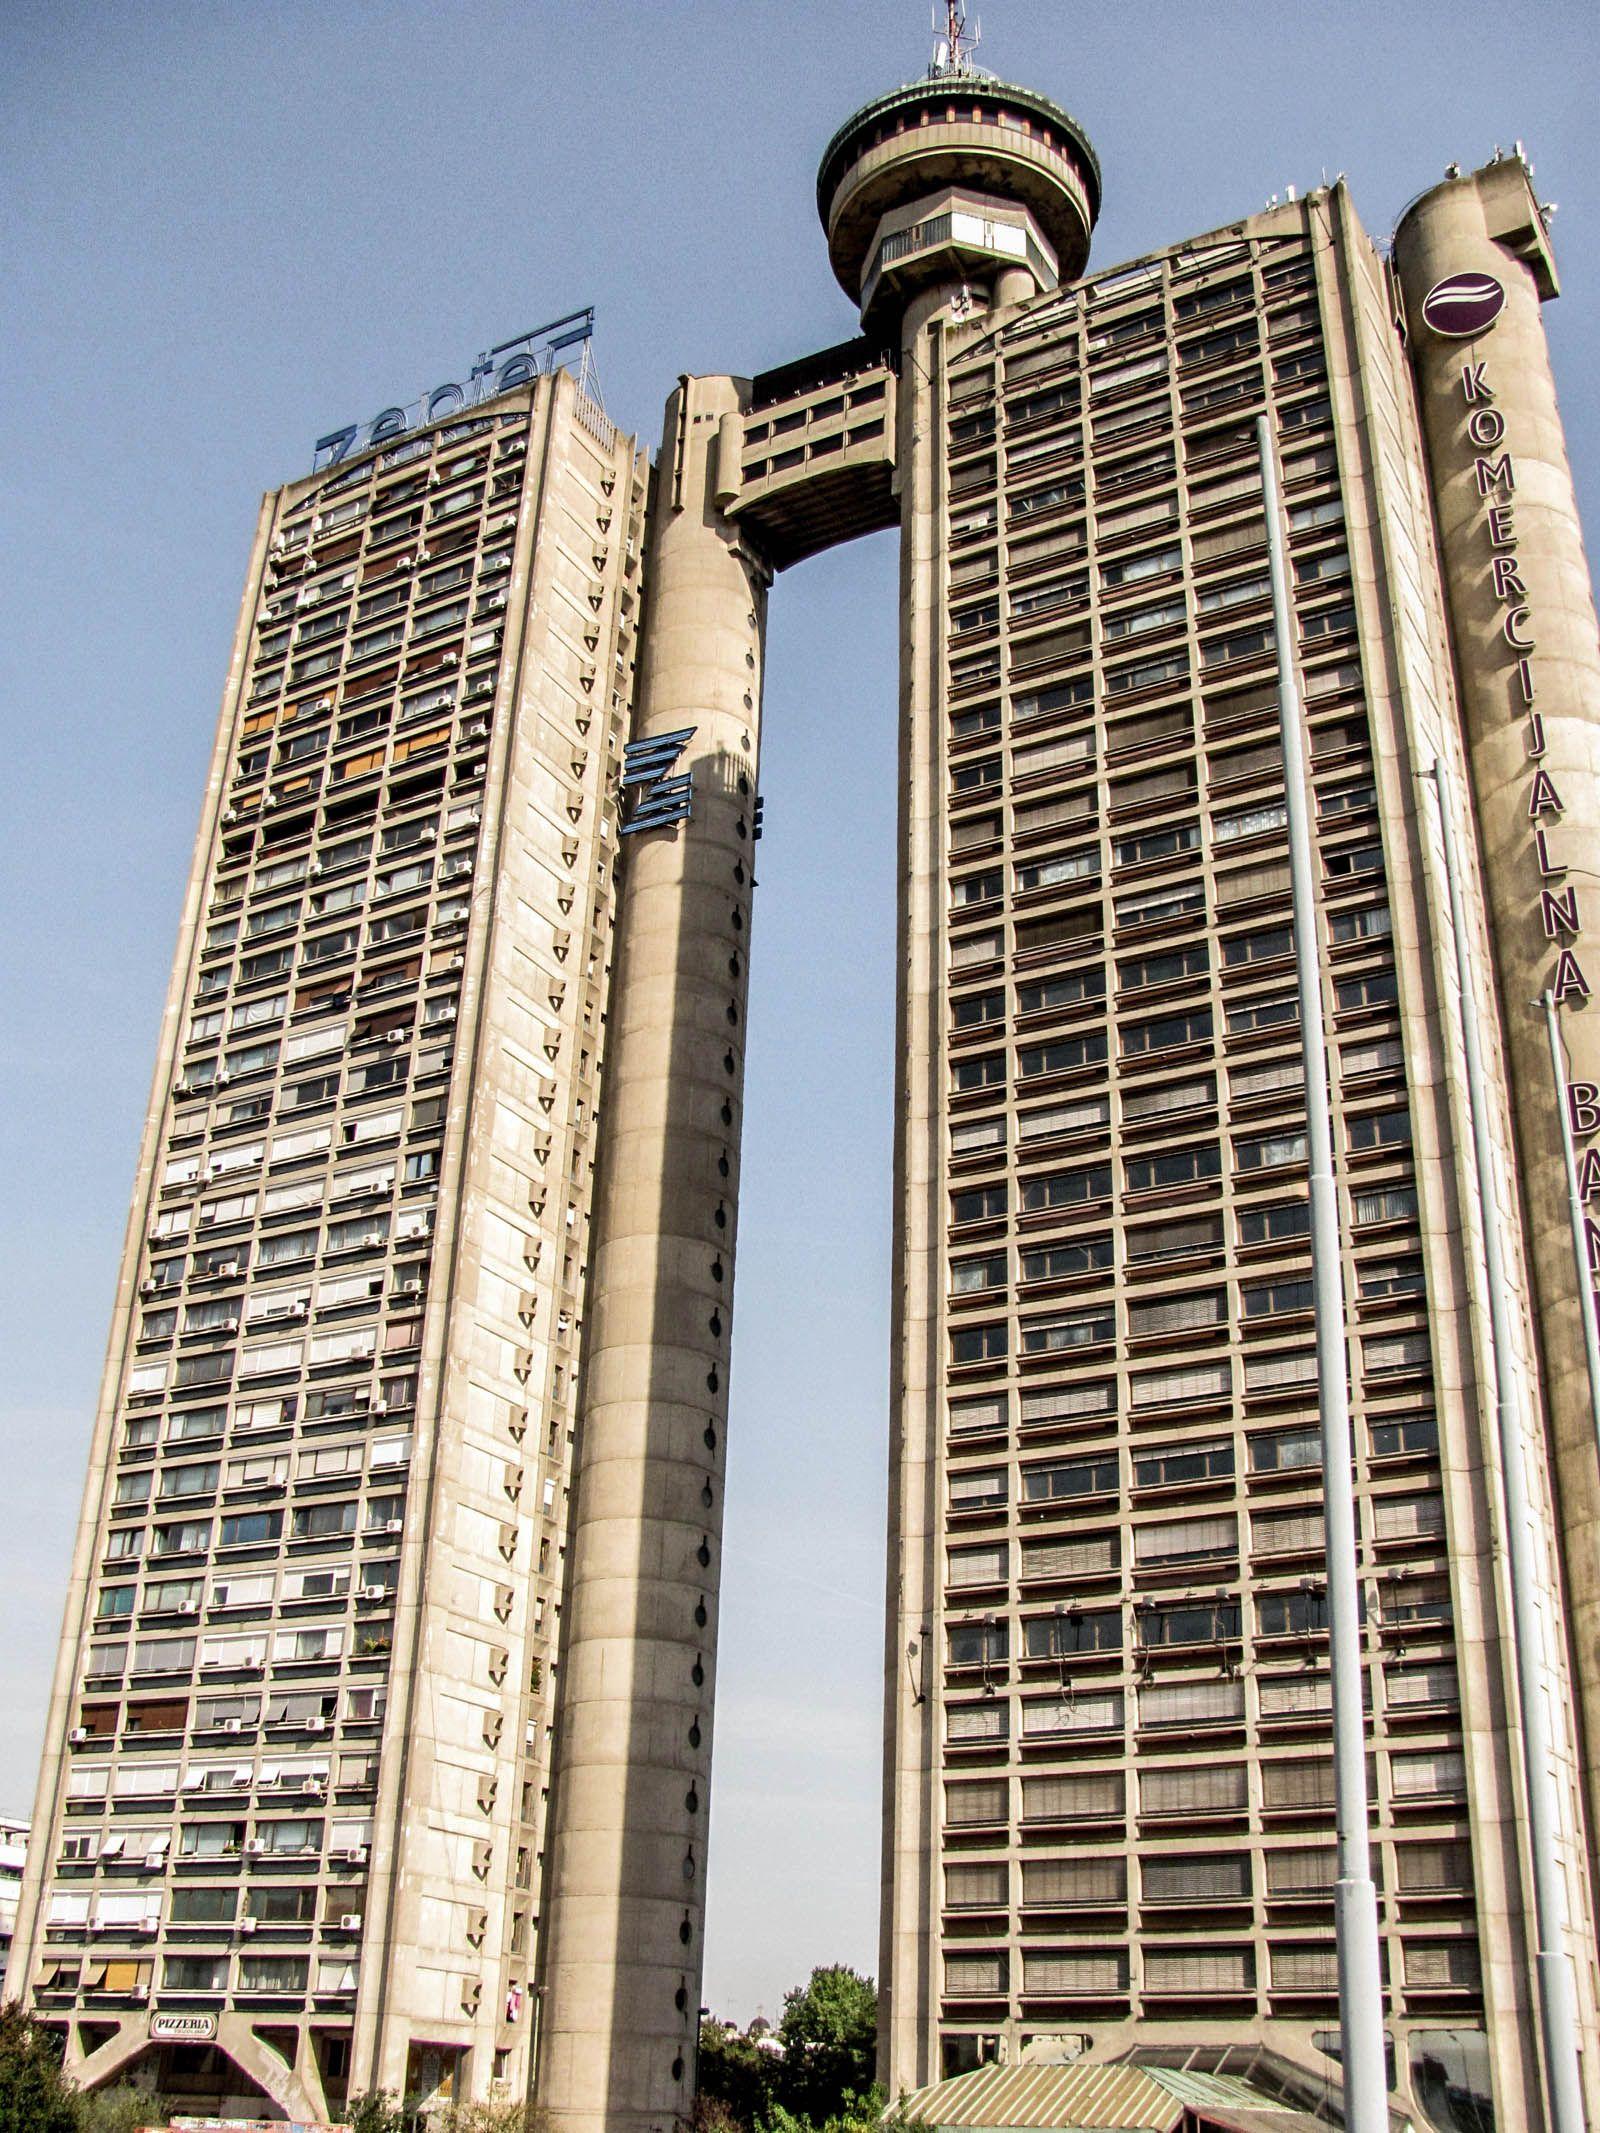 Podivné architektonické experimenty nebo vznešené monumenty? Utopický brutalismus je jedním z nejpozoruhodnějších stavebních stylů